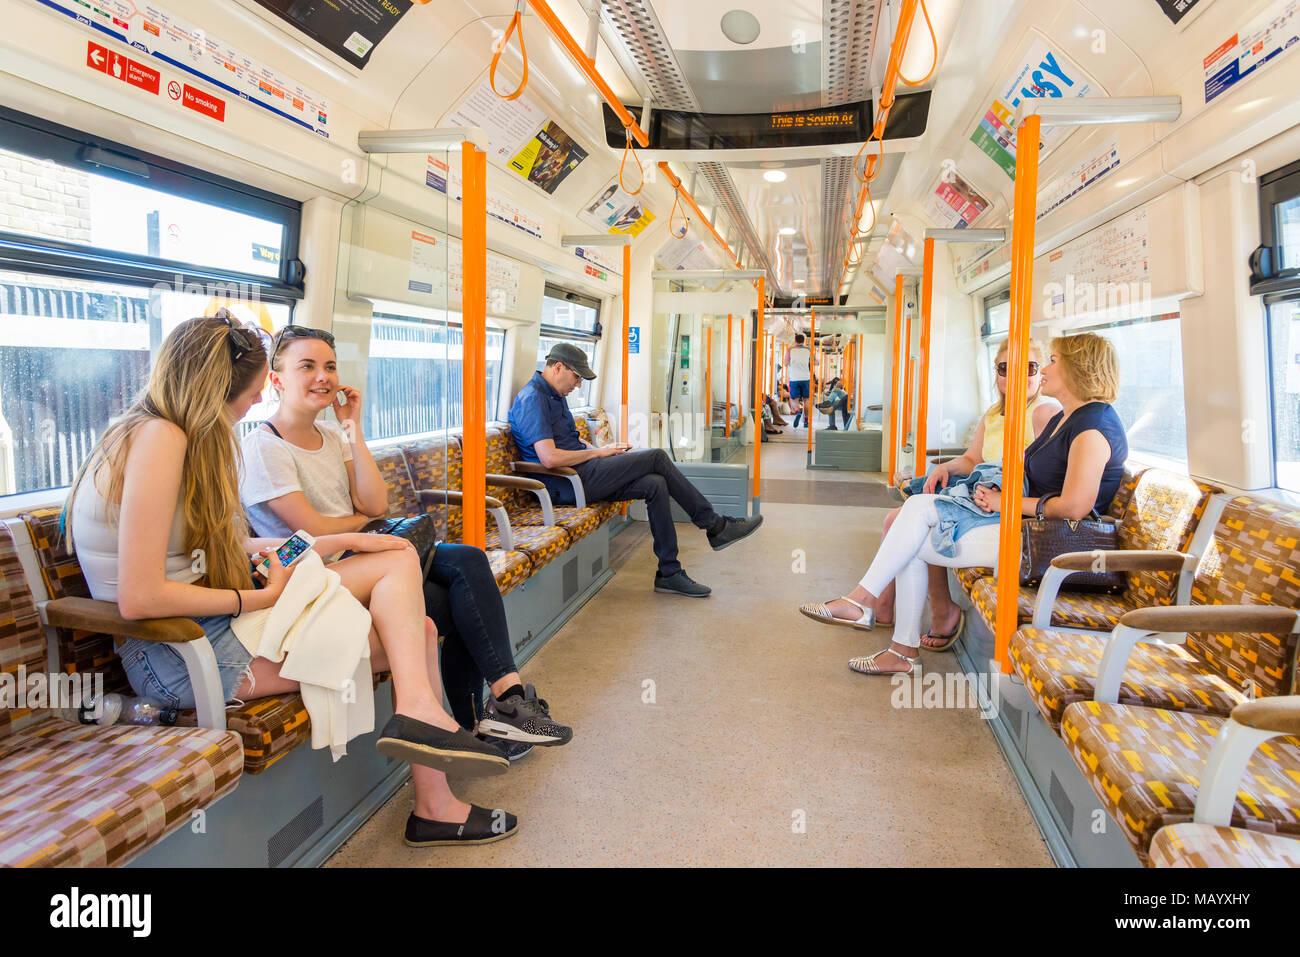 Inside a London Overground train, UK - Stock Image